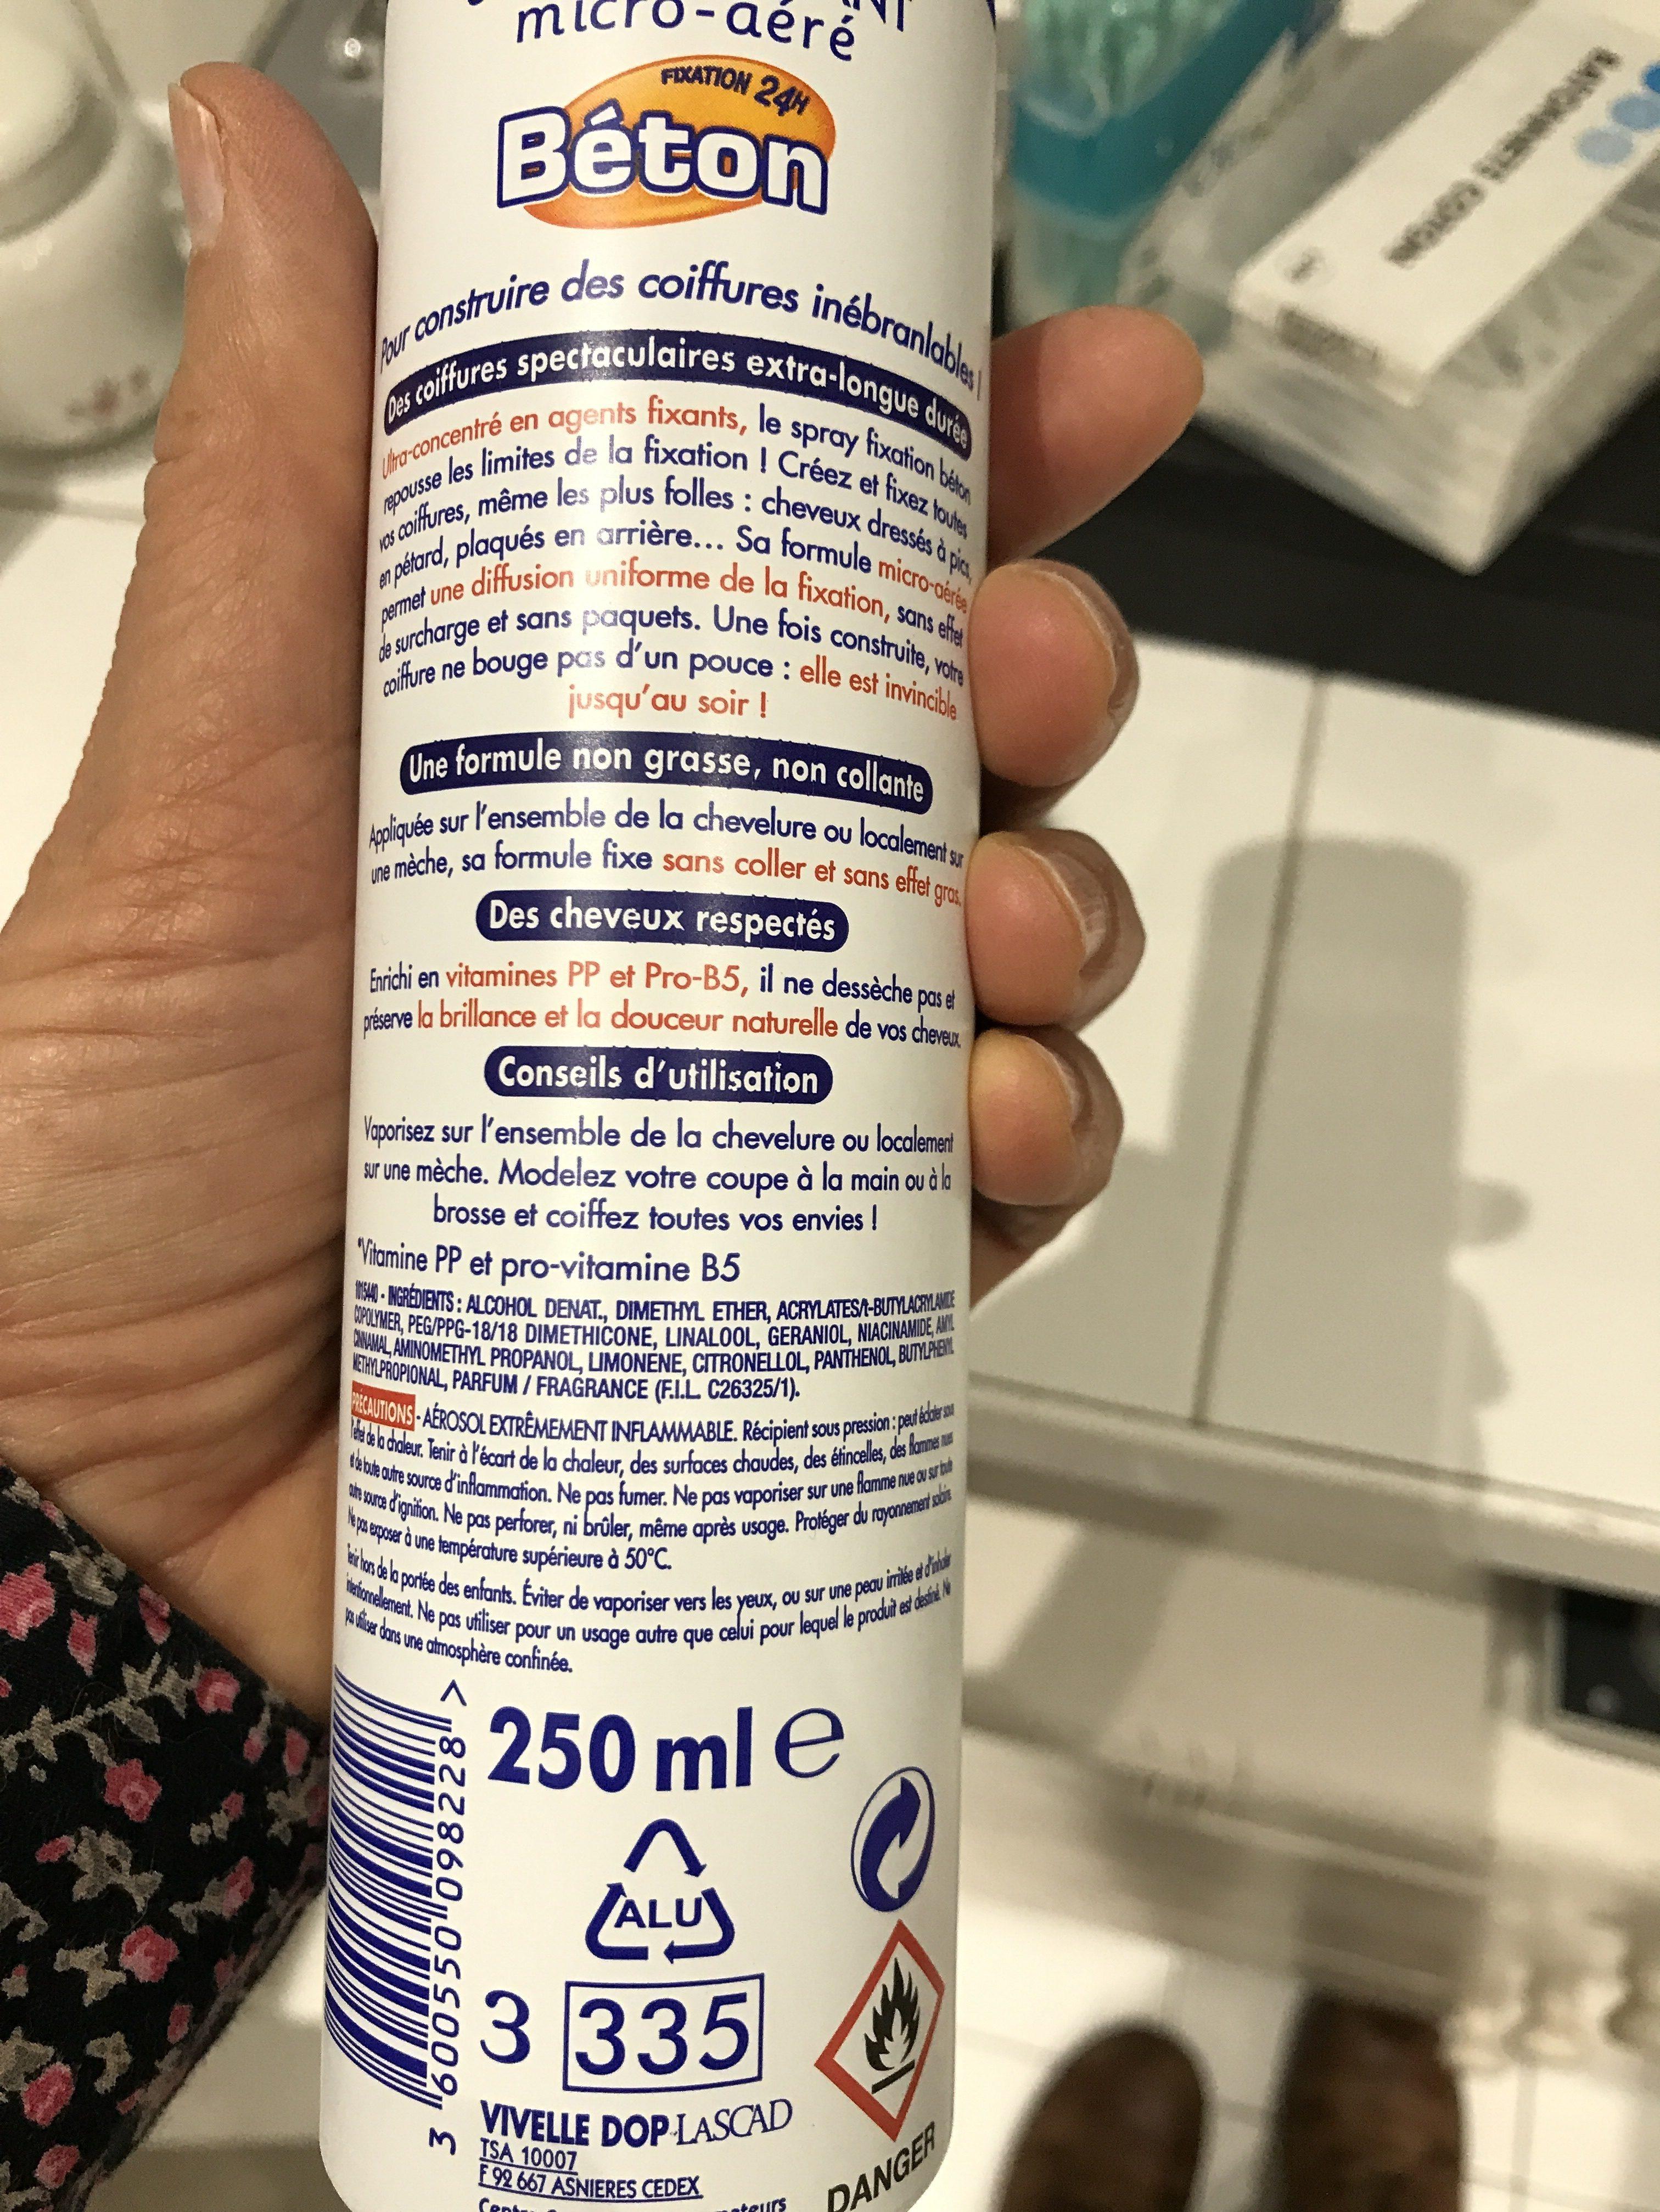 Spray coiffant micro-aéré, fixation béton - Ingredients - fr